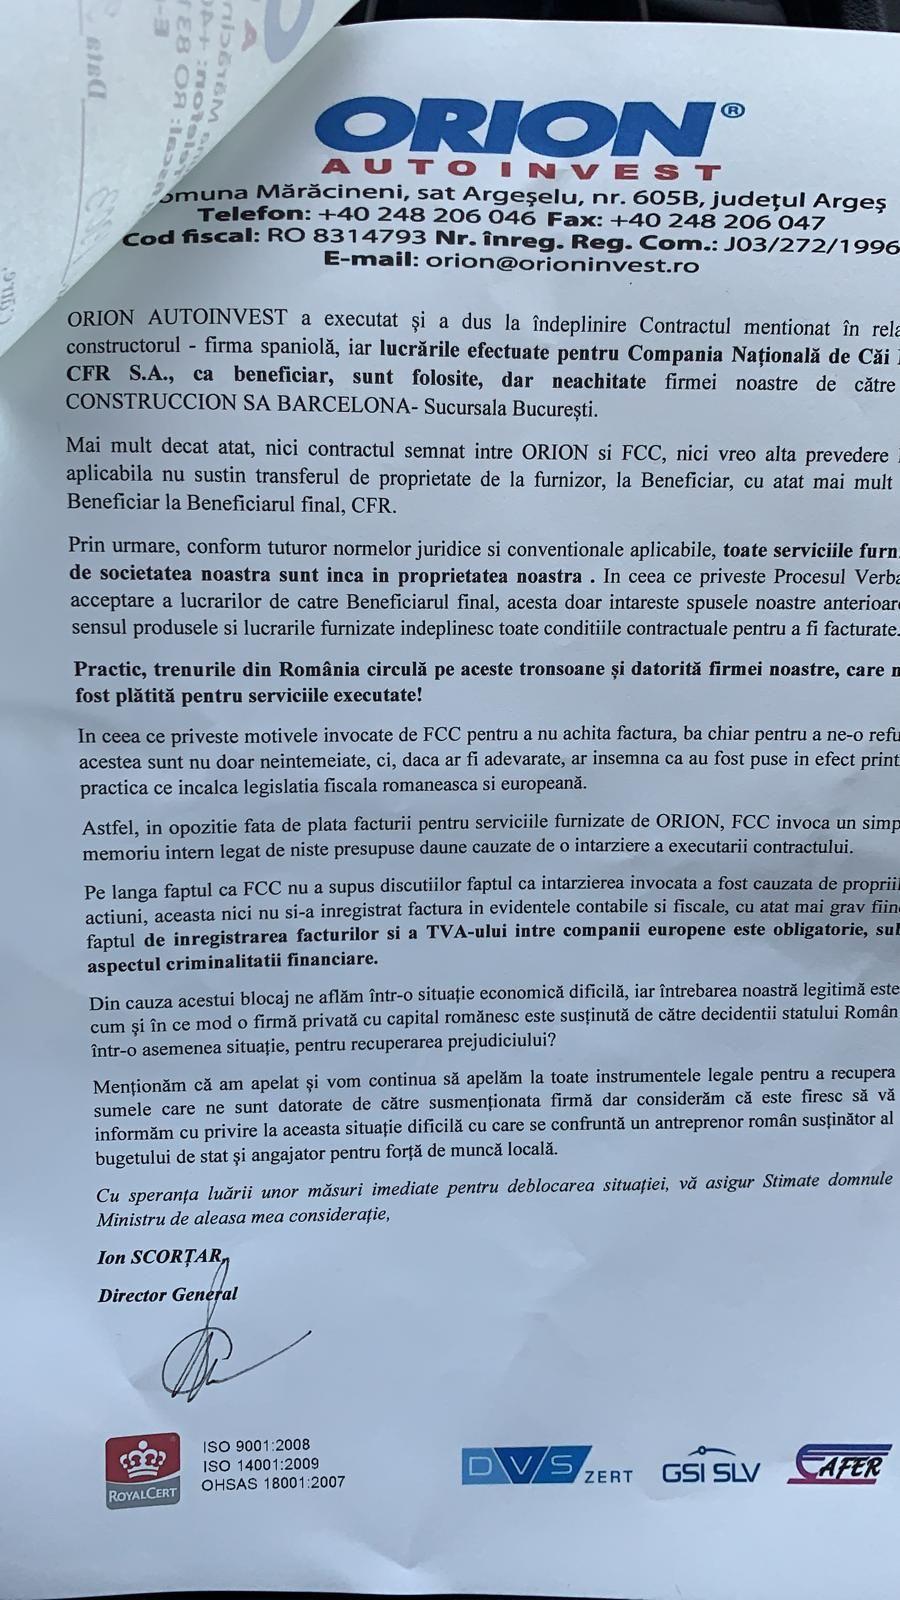 FCC Construccion, cel mai mare constructor din Spania, acuzat că nu și-a plătit subcontractorii pentru lucrări pe calea ferată